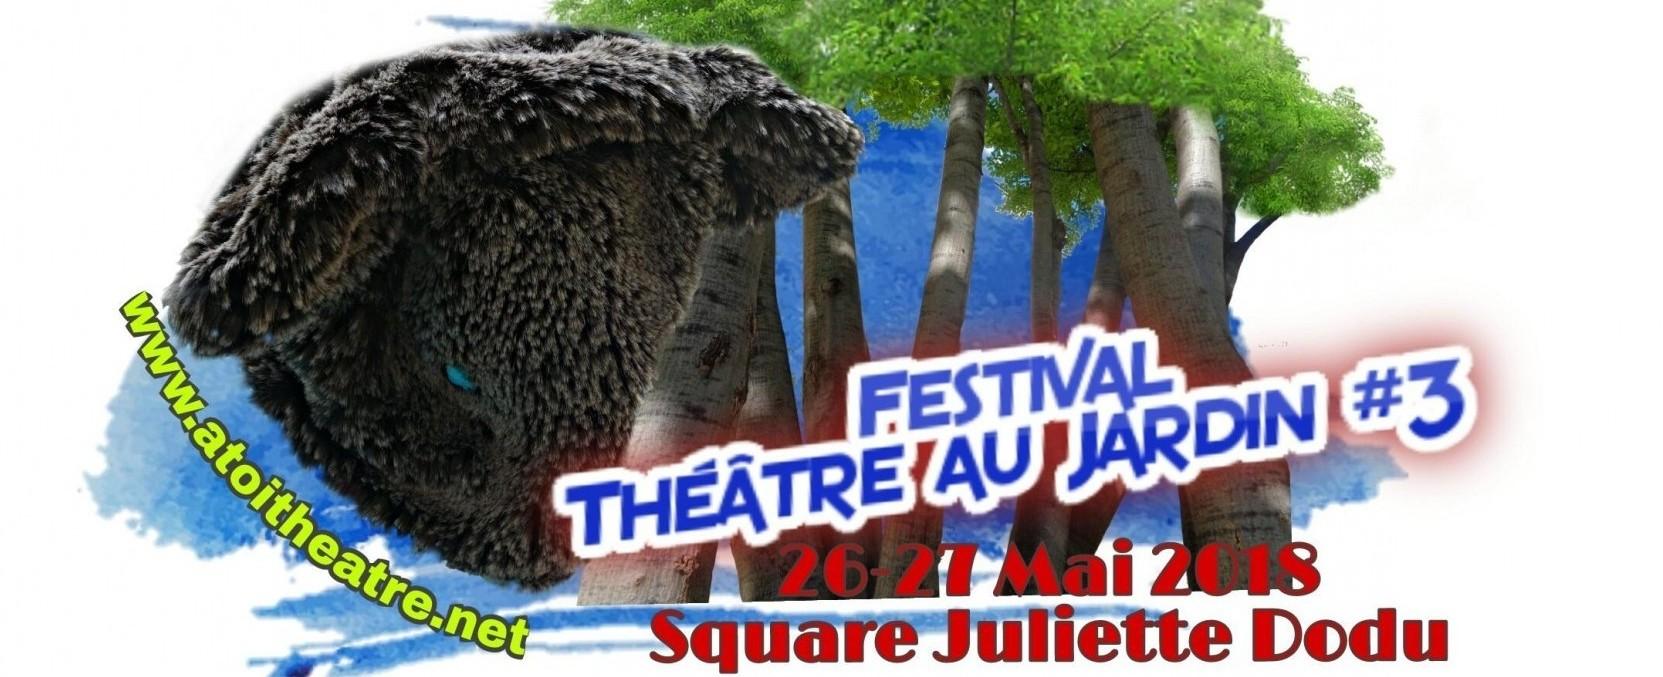 FESTIVAL THEATRE AU JARDIN #3 - Samedi et Dimanche 26 et 27 mai 2018 - Paris 10 ème